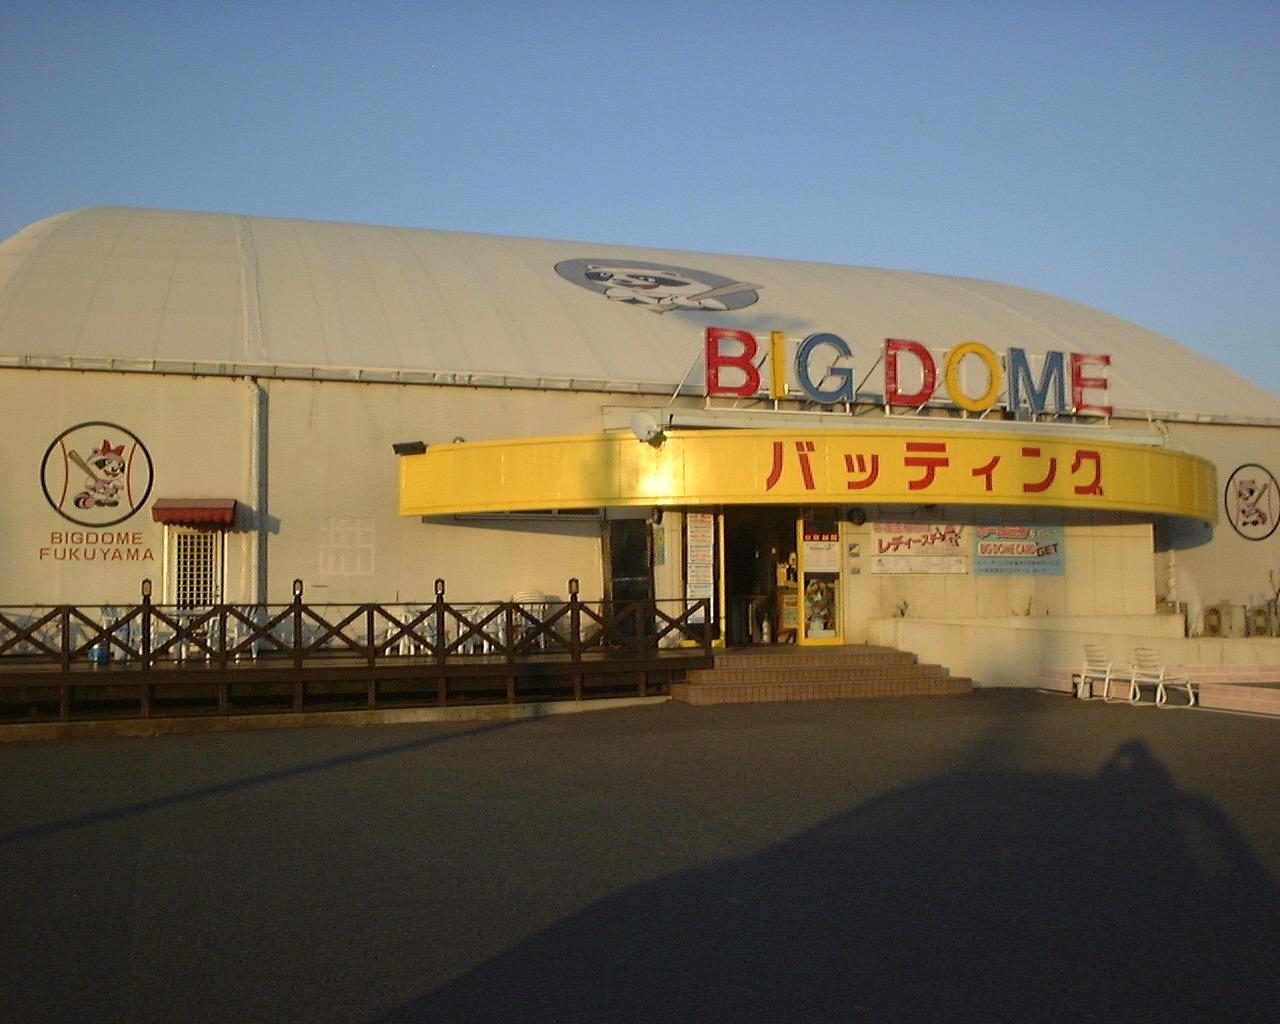 ビックドーム福山